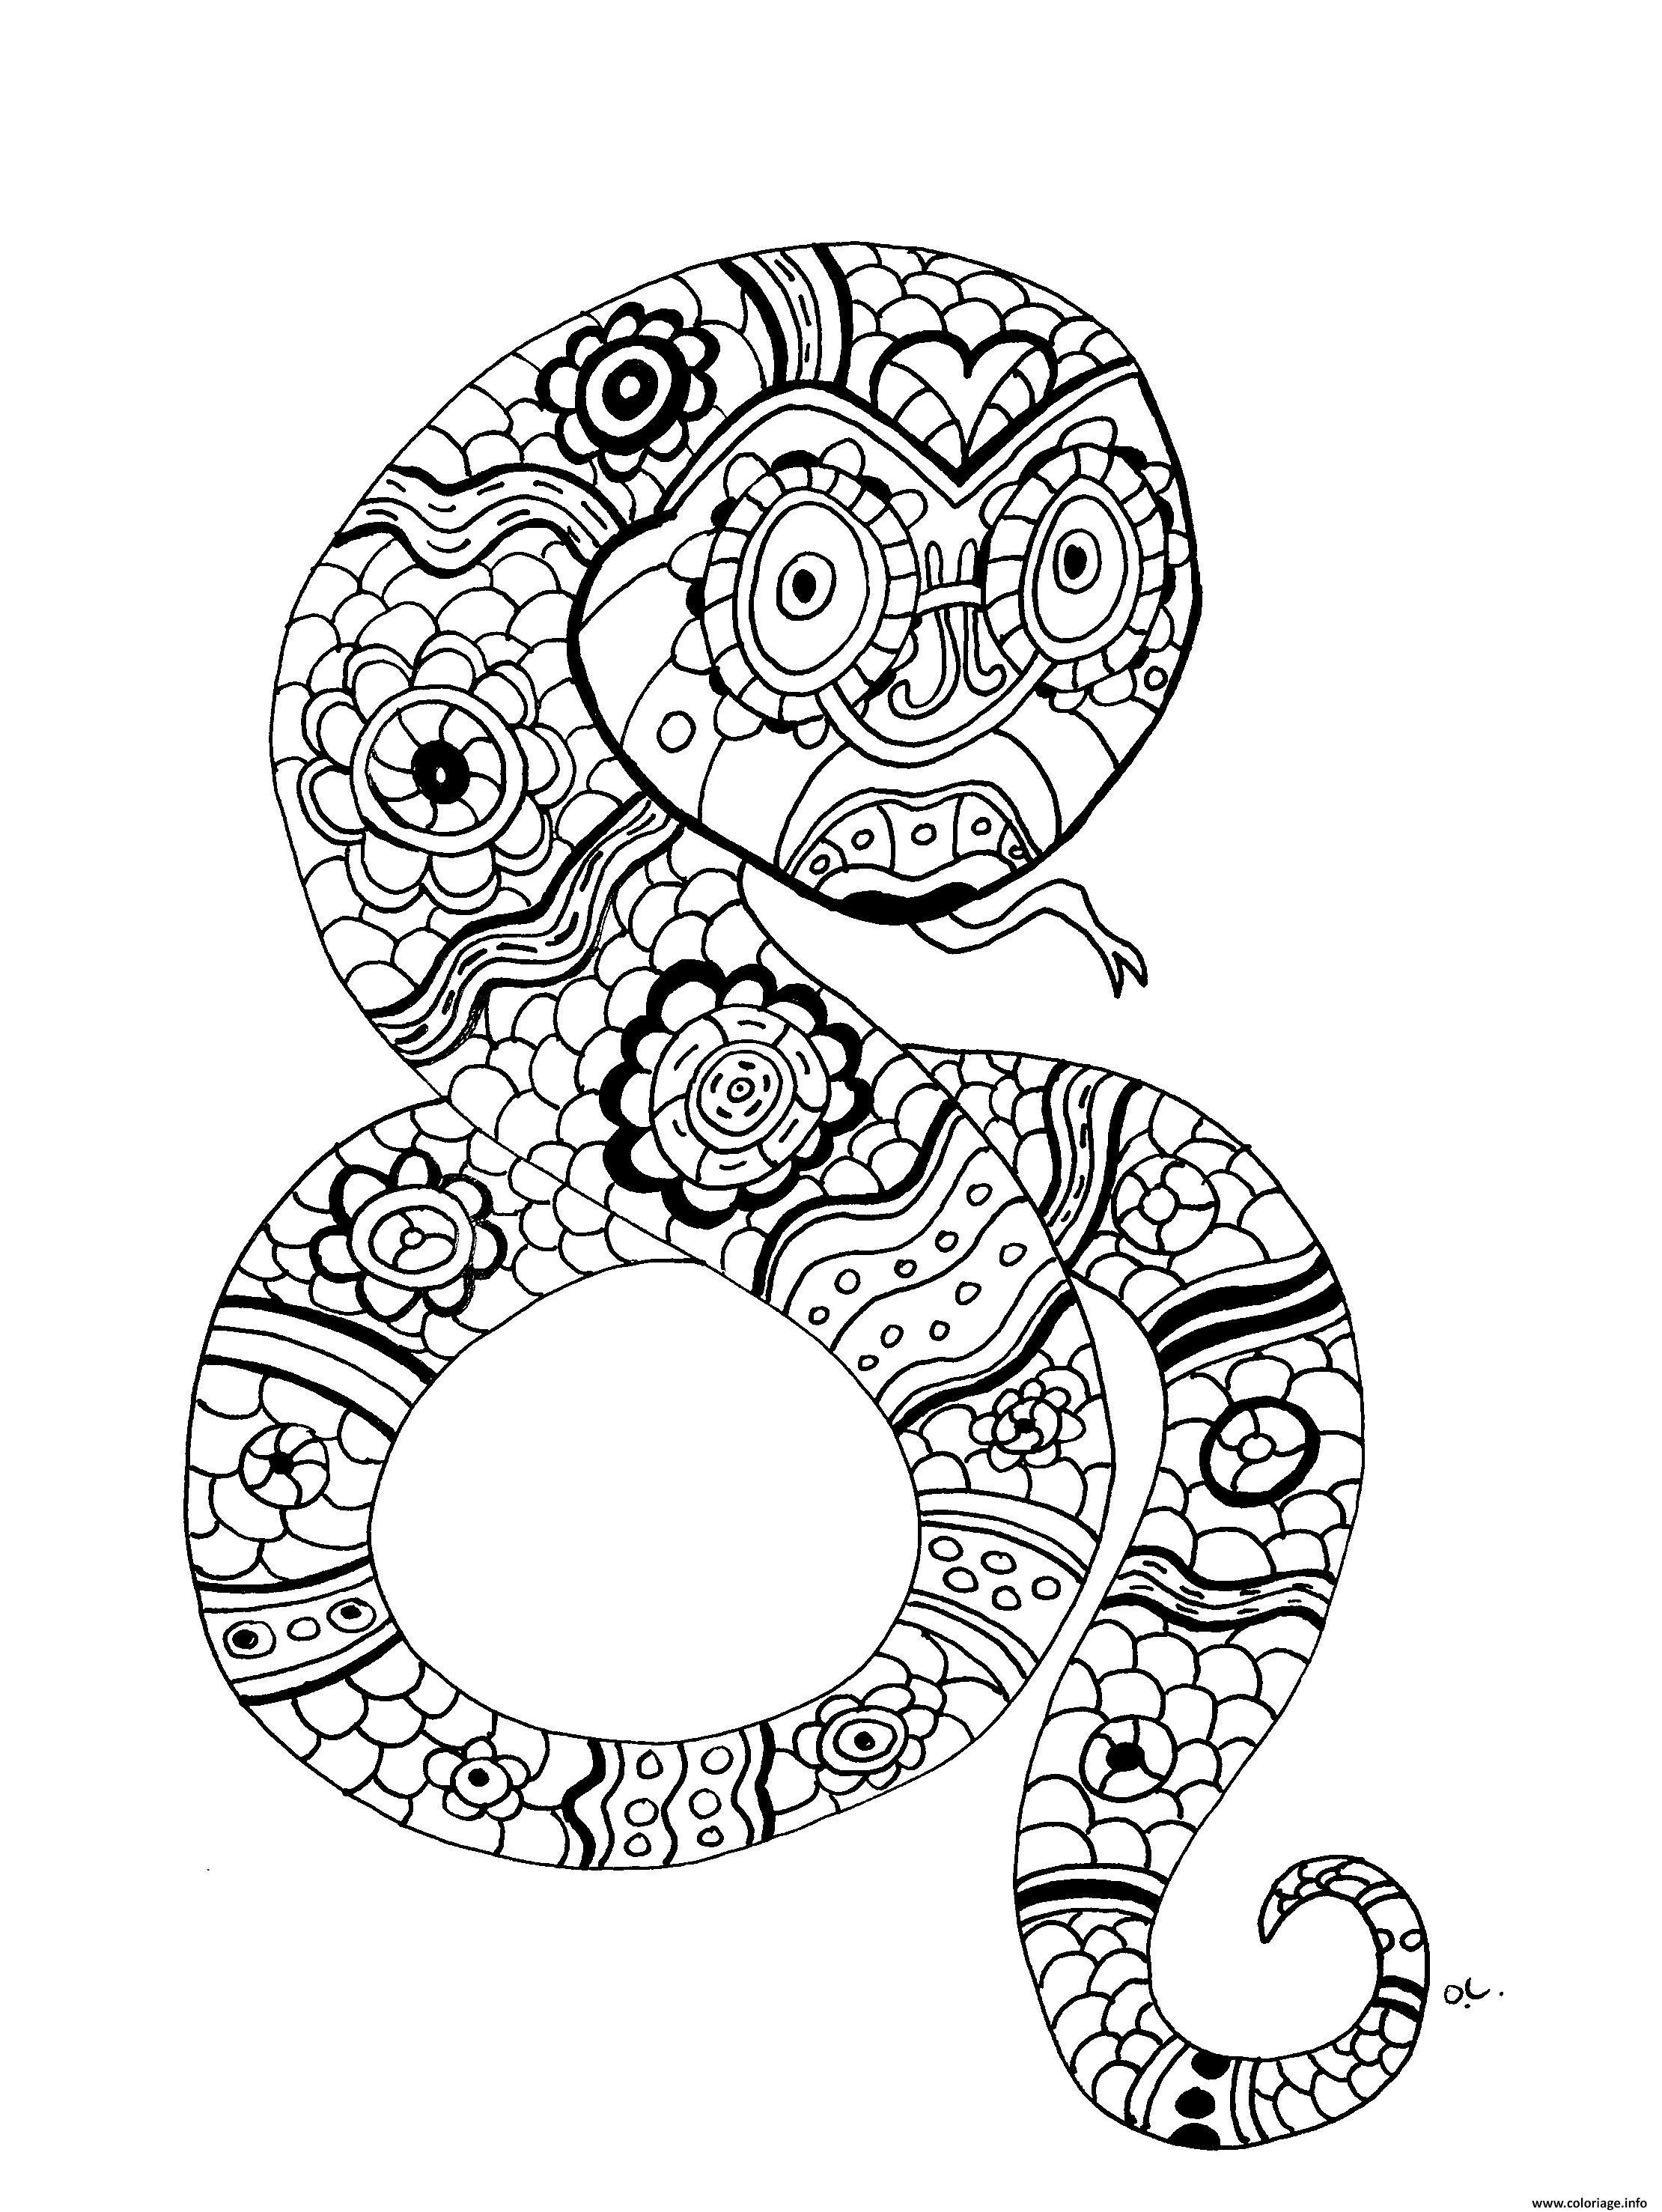 Coloriage Animaux Serpent.Coloriage Adulte Le Serpent Par Olivier Dessin